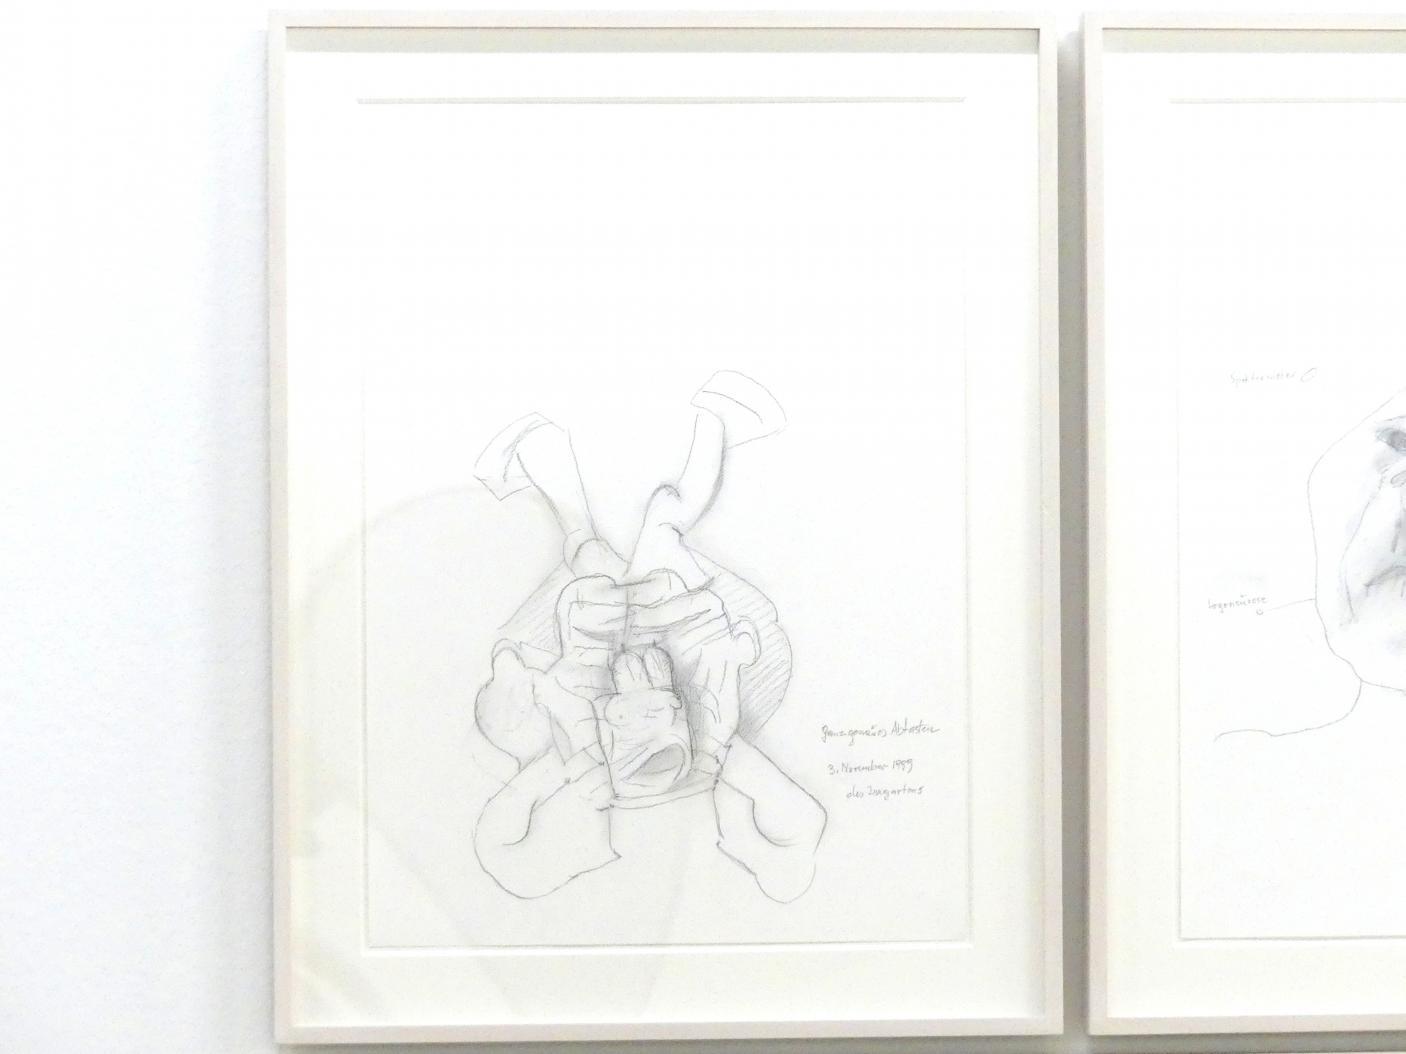 Maria Lassnig: Ganz genaues Abtasten des Irrgartens, 1999